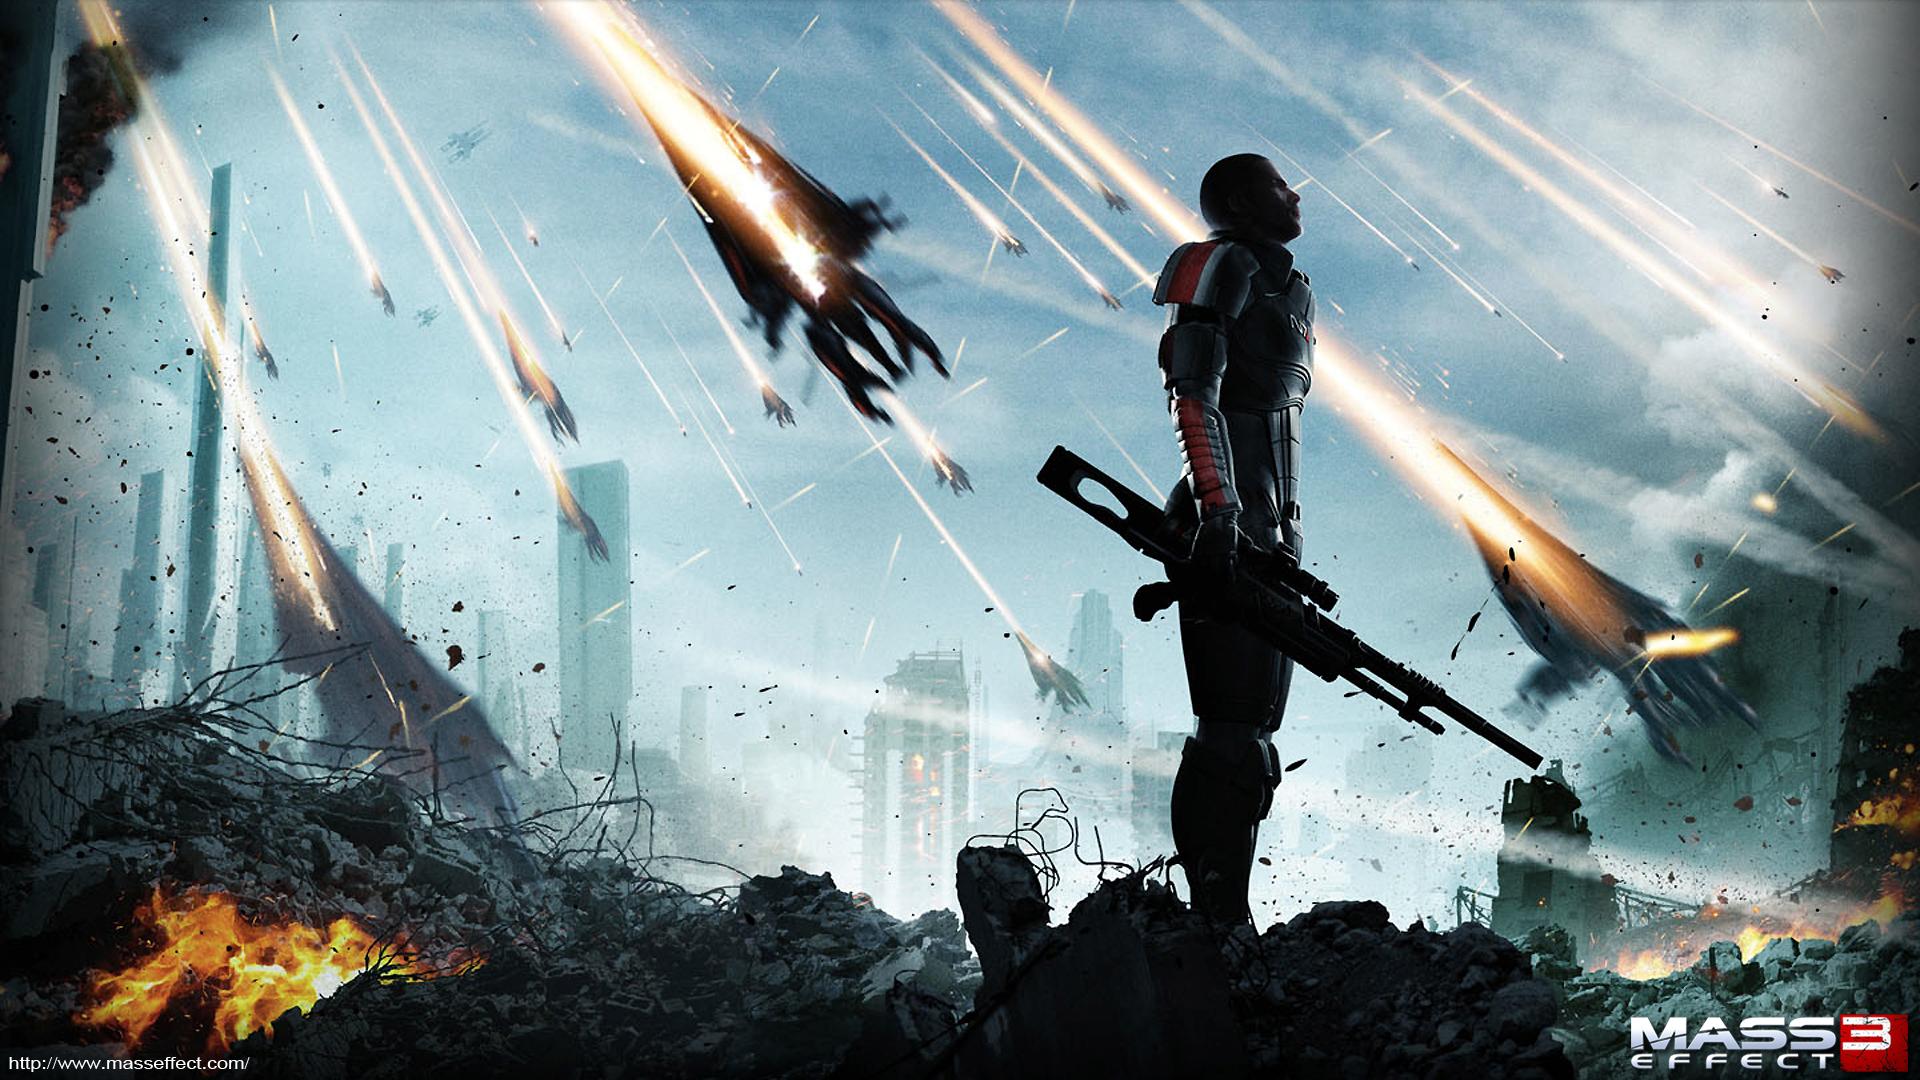 Mass Effect vai ganhar atração em parque temático